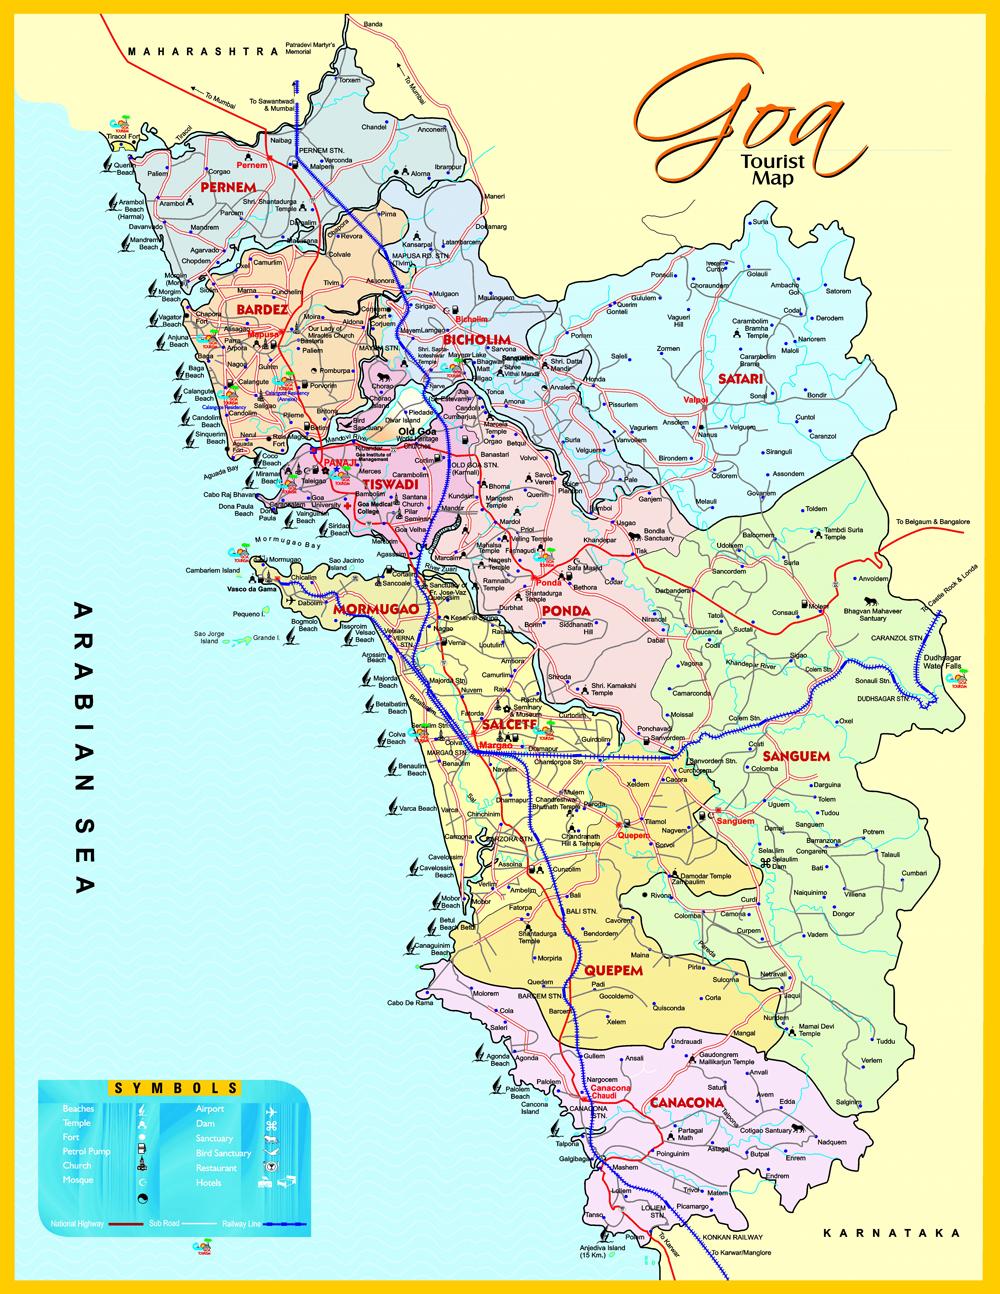 GOA TOURISM MAP TOURIST PLACES IN GOA BEACHES IN GOA SOUTH – South India Map With Tourist Places